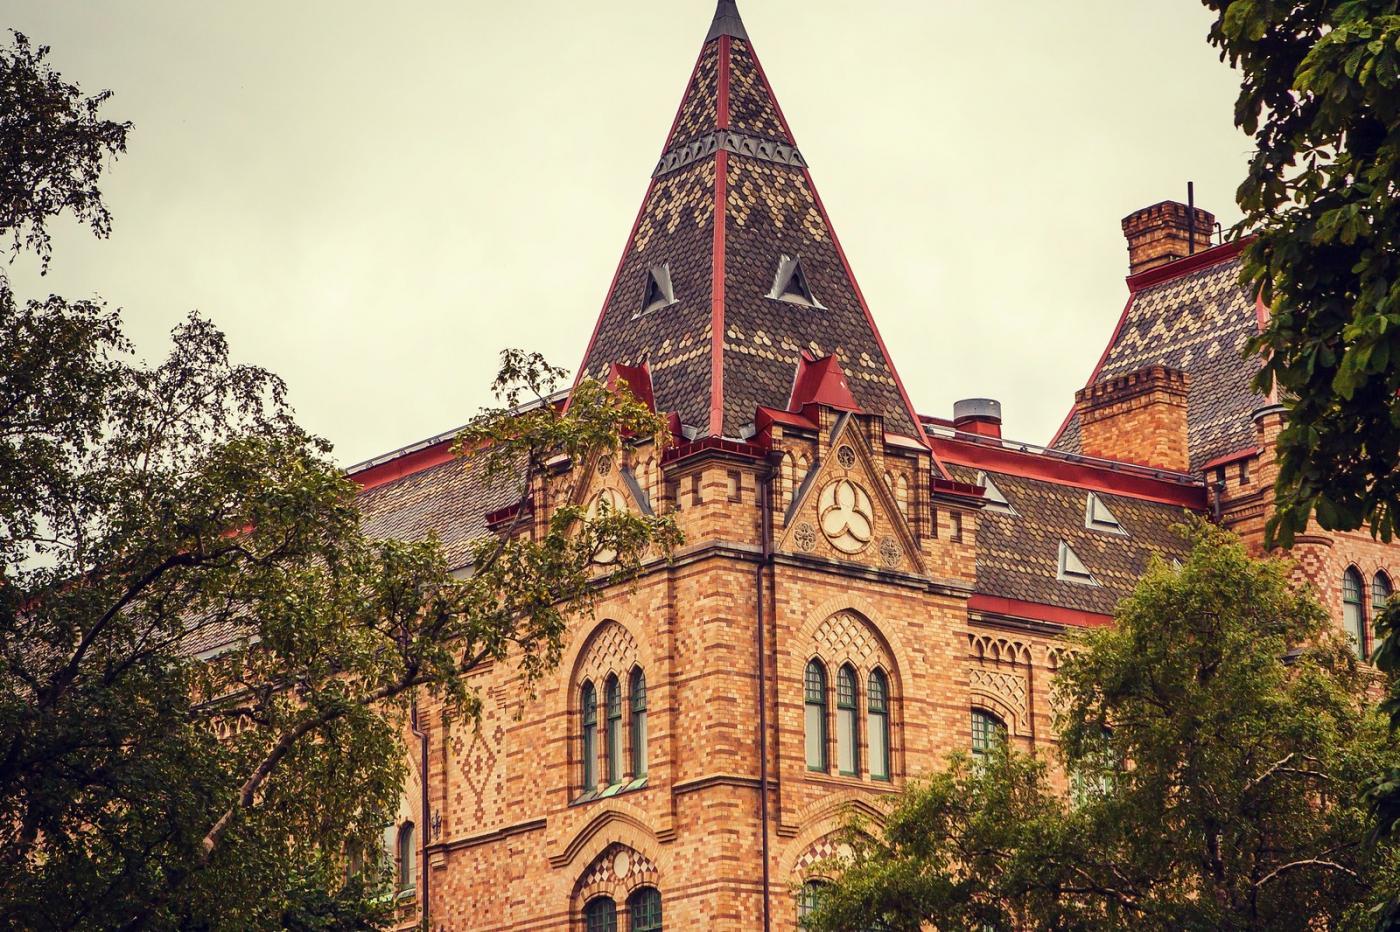 瑞典哥德堡,這幢大廈很特殊_圖1-10